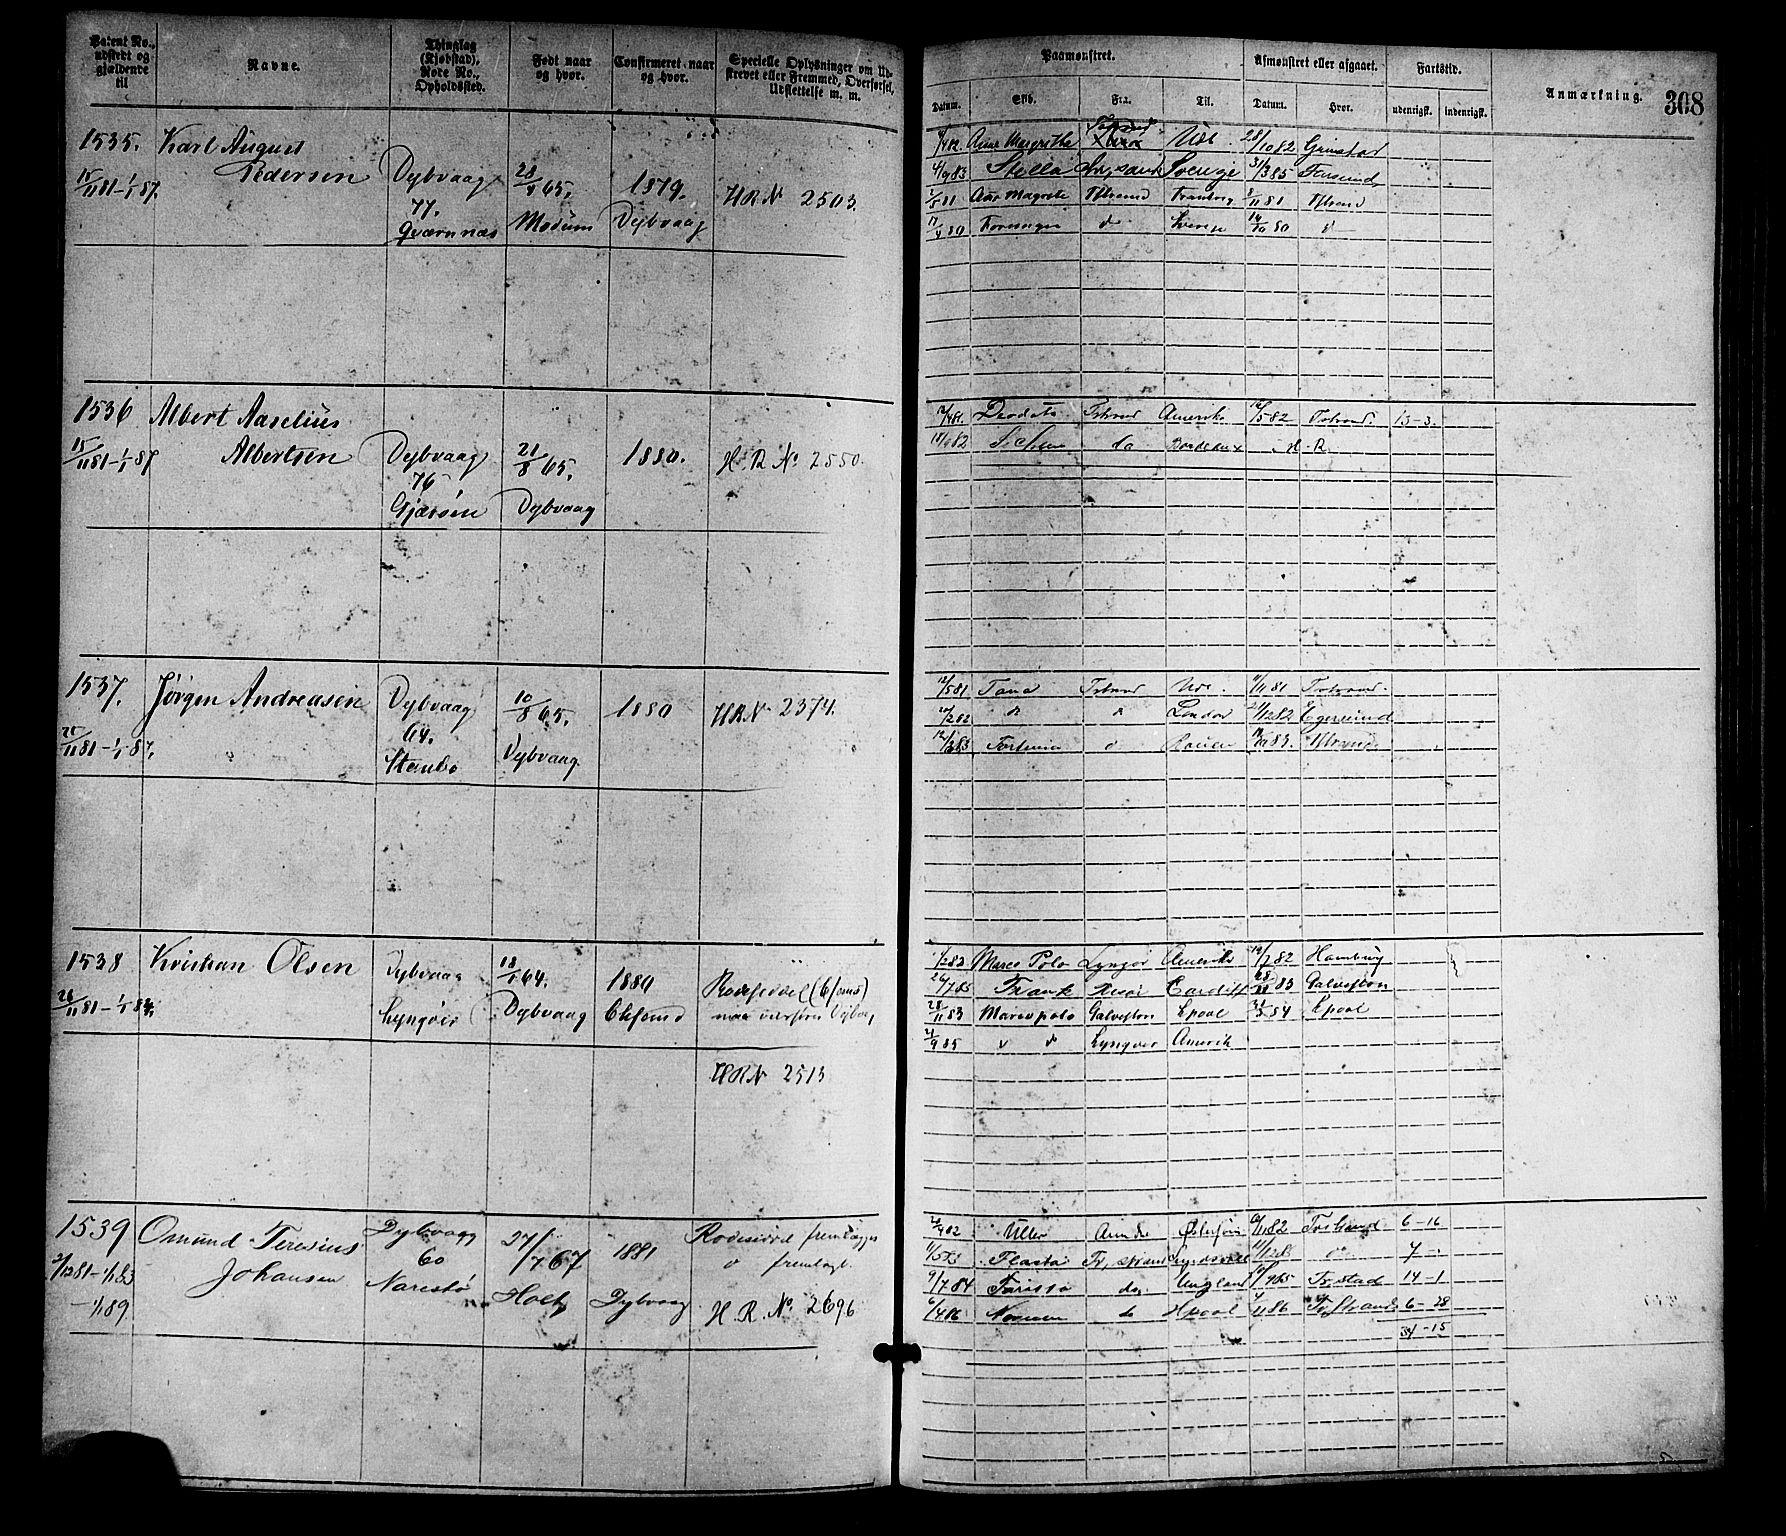 SAK, Tvedestrand mønstringskrets, F/Fa/L0001: Annotasjonsrulle nr 1-1905 med register, R-1, 1866-1886, s. 333